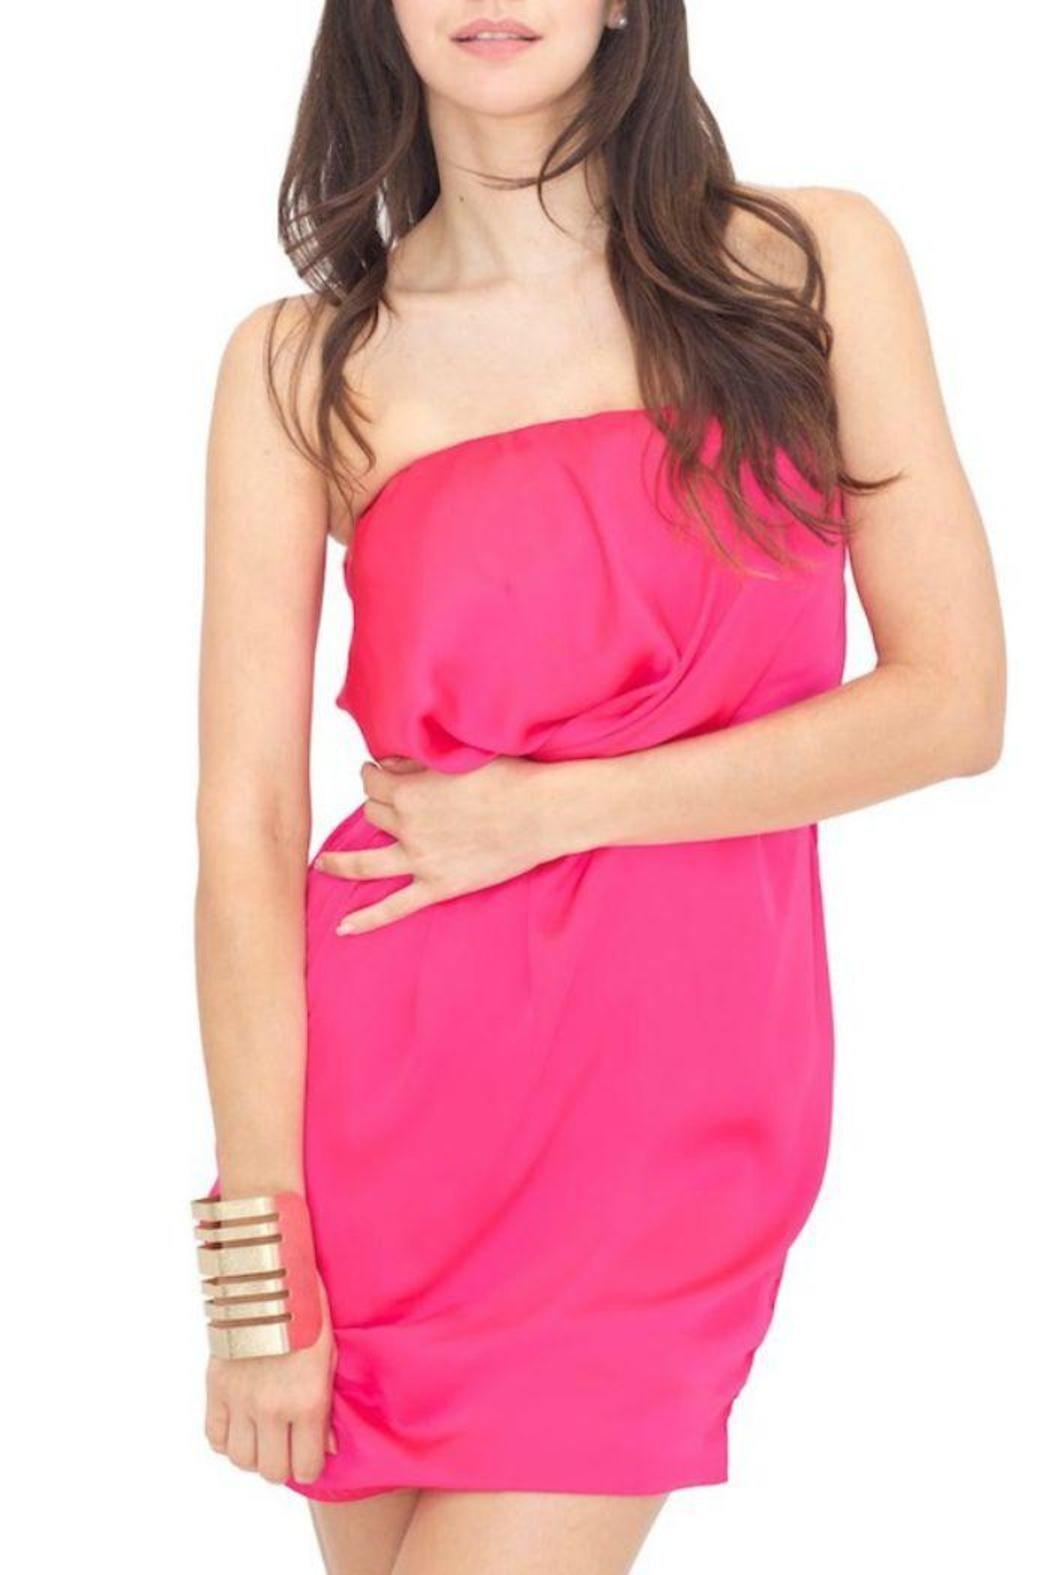 9998e6223c99 This magenta-colored dress by Vertigo features a strapless fit